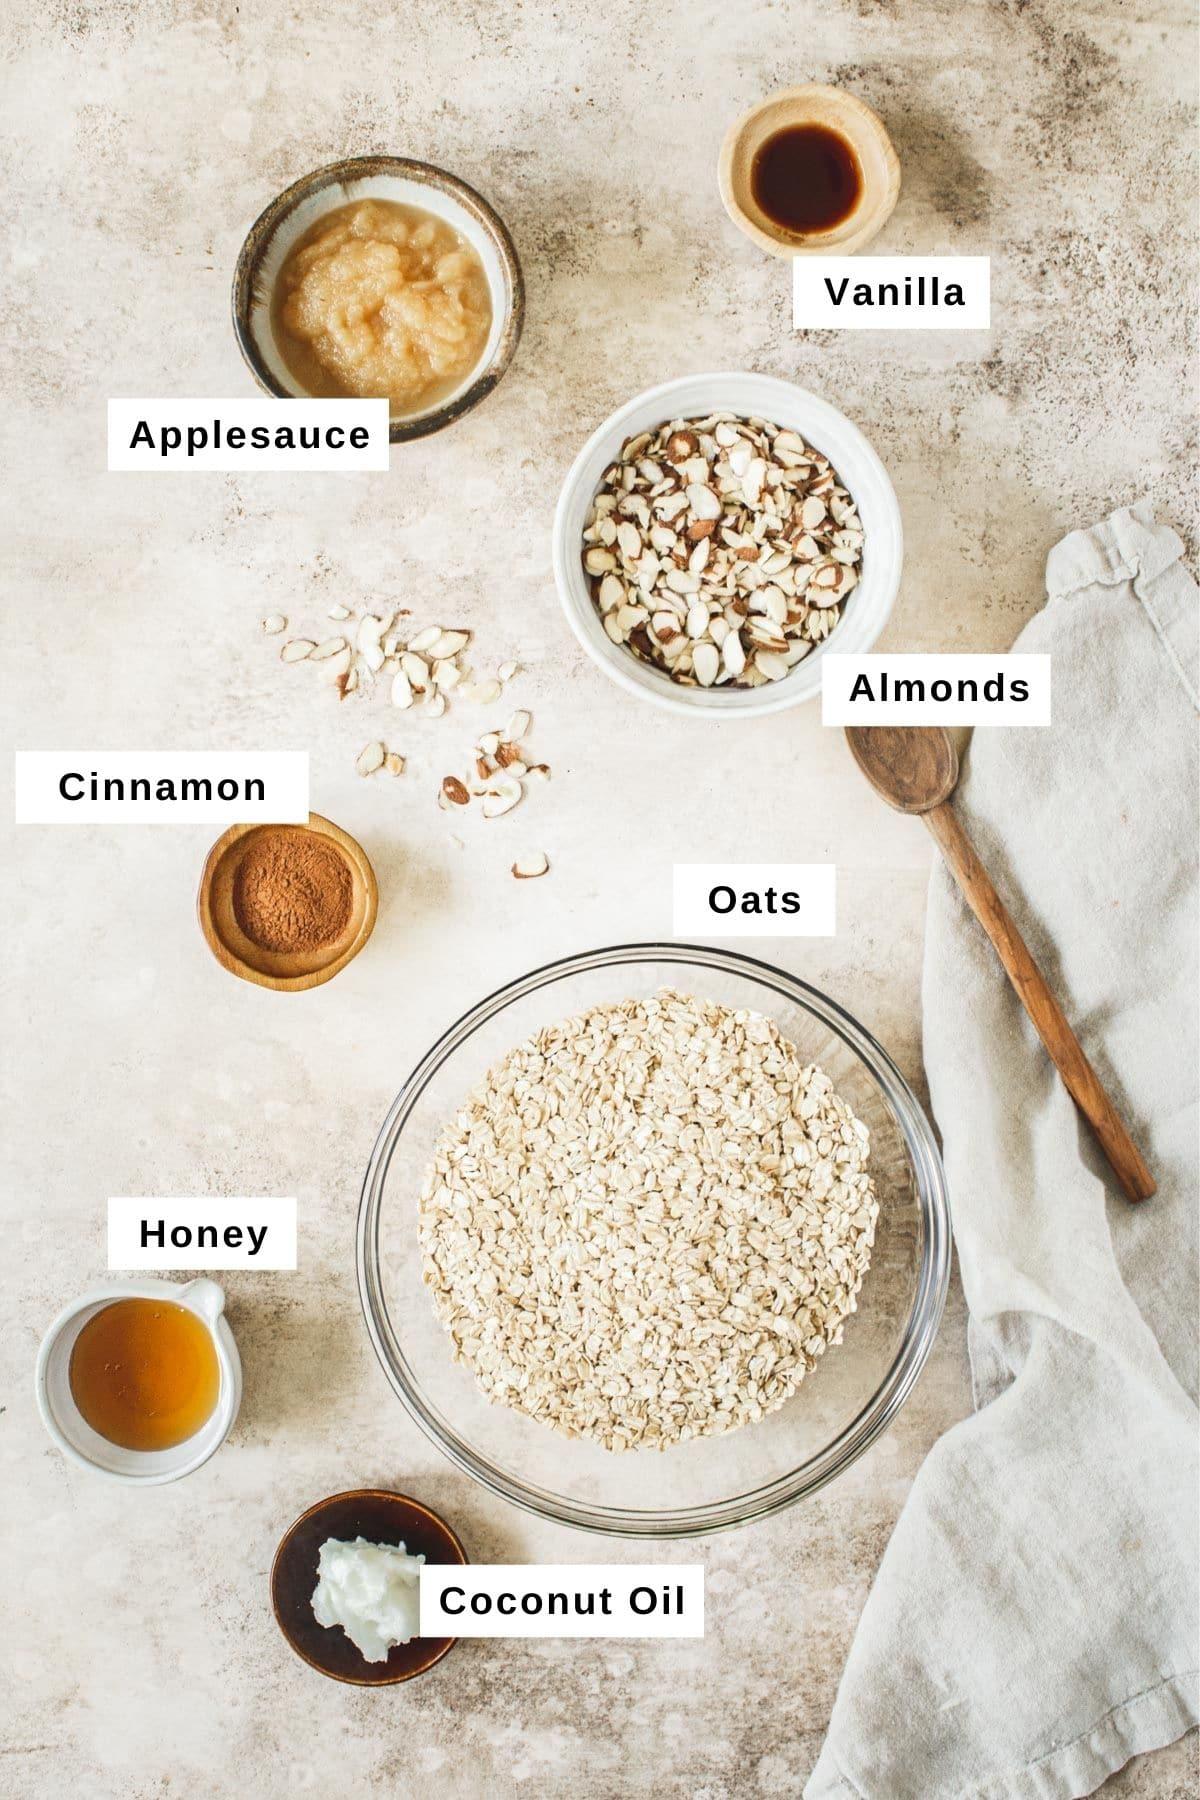 Honey vanilla ingredients in different bowls.